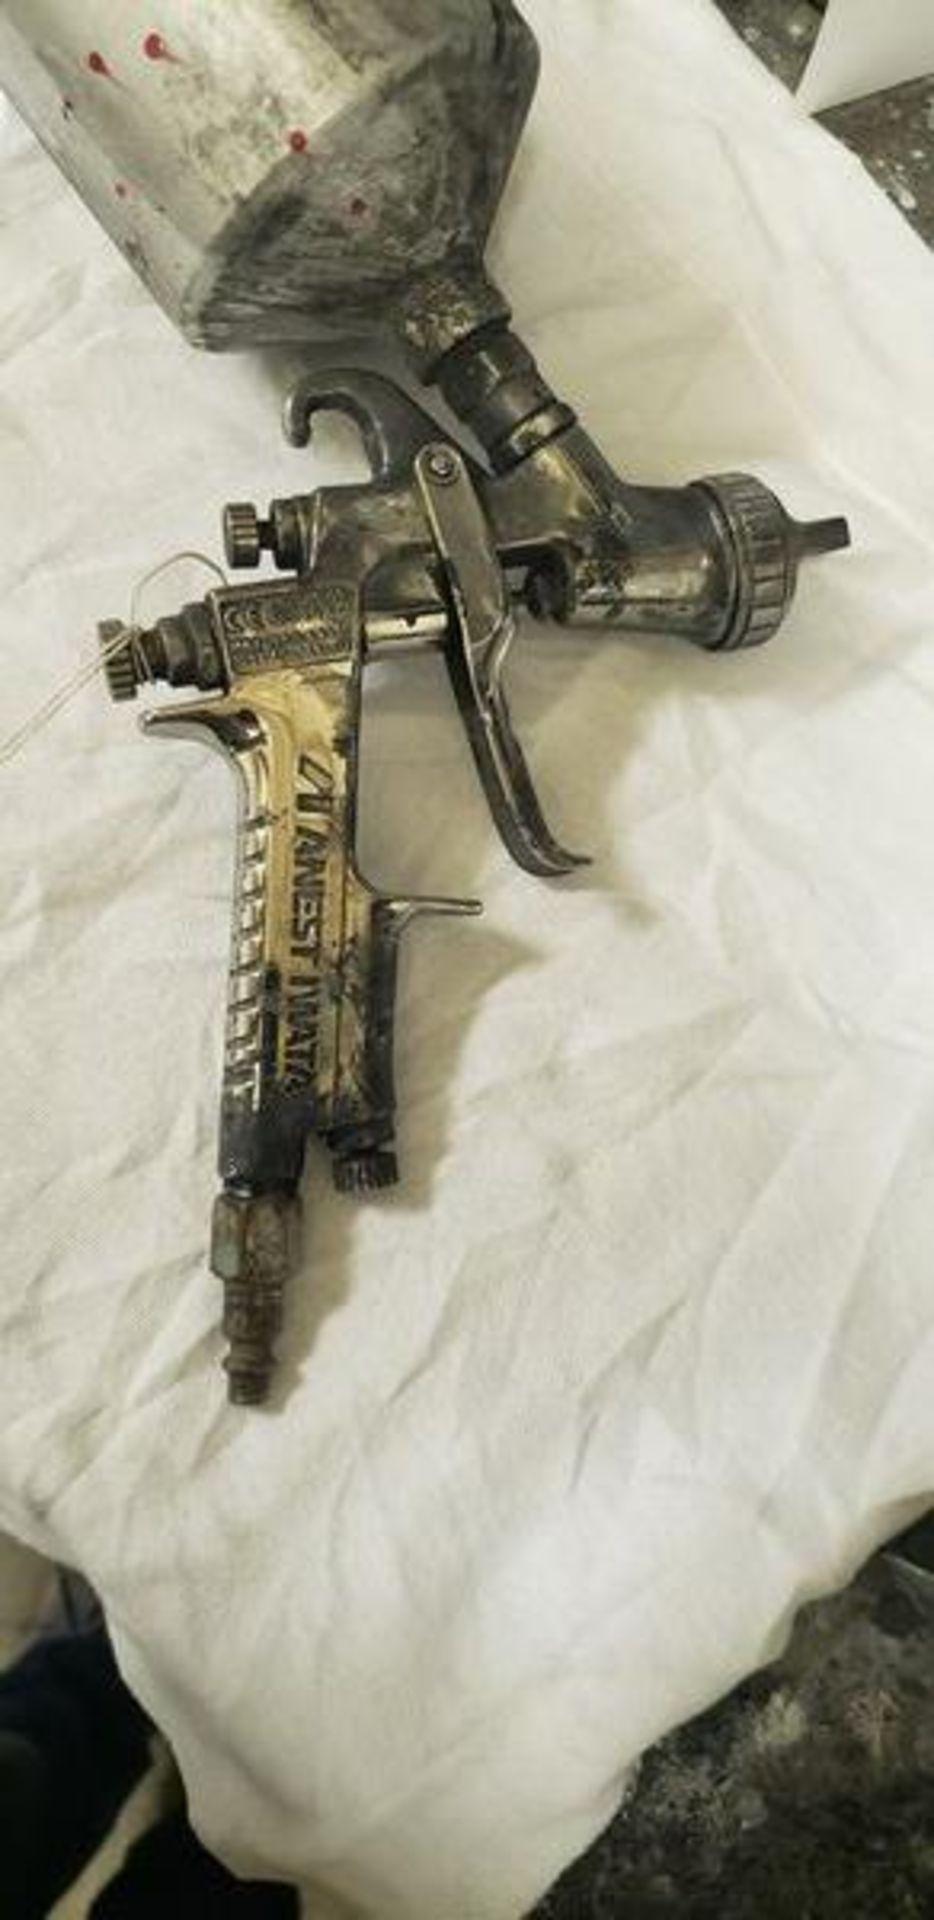 ANESTIWAT LPH 400 SPRAY GUN - Image 2 of 4